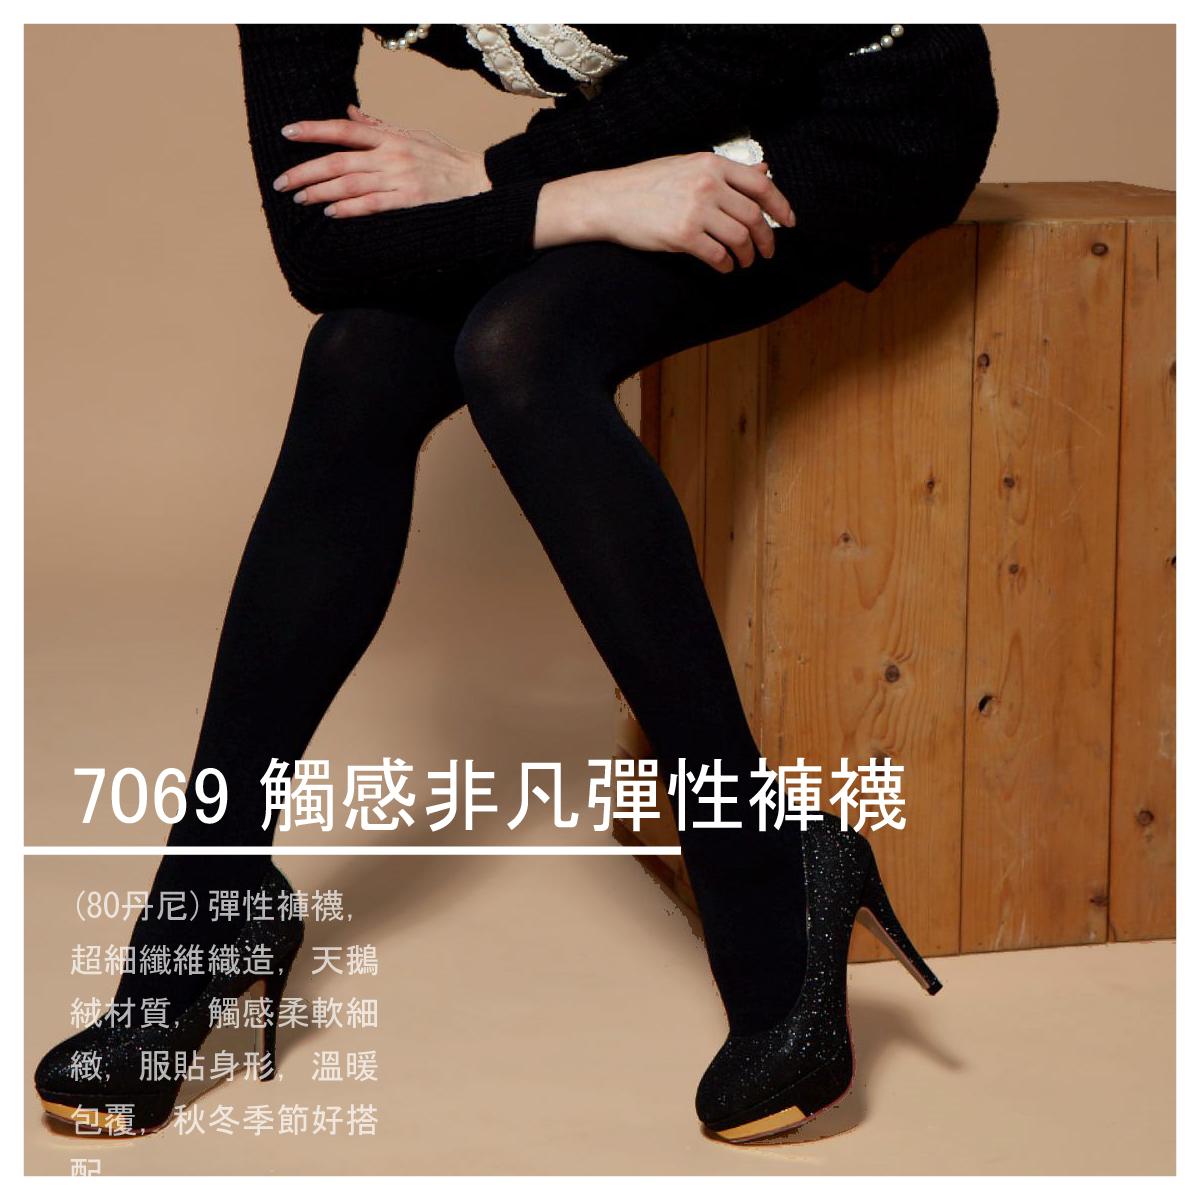 【琨蒂絲褲襪】7069 觸感非凡彈性褲襪 S-L 1雙